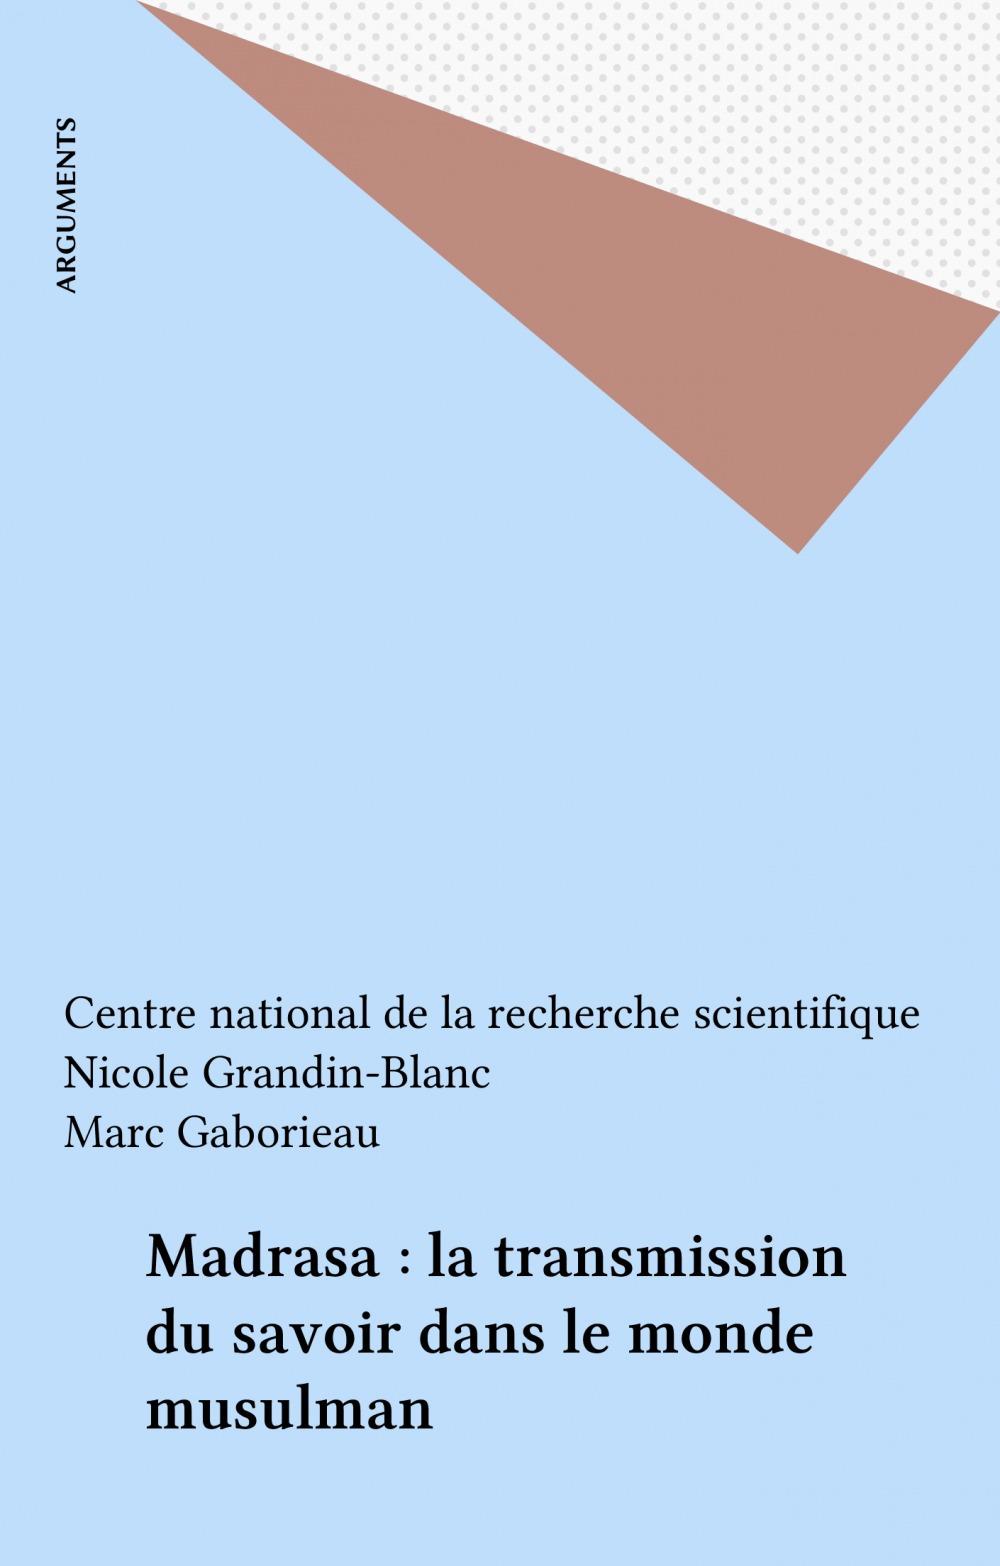 Madrasa, la transmission du savoir dans le monde musulman